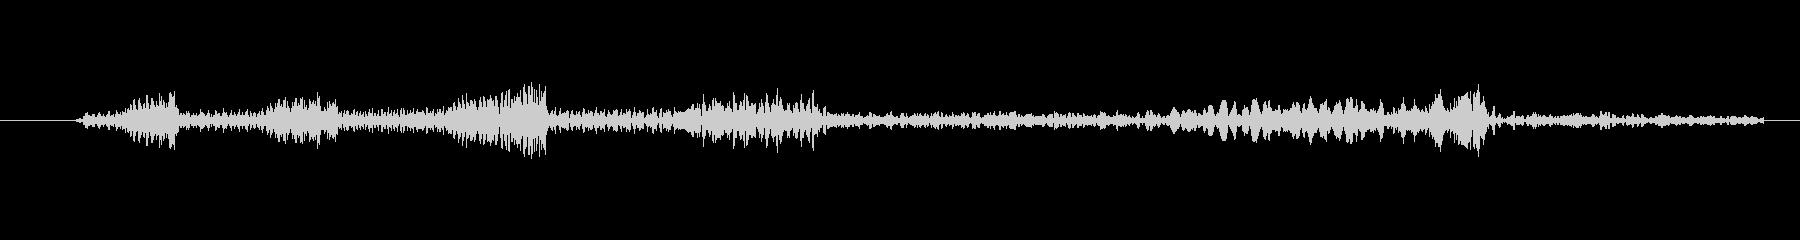 レコード・CDのスクラッチ音(ブレーキ)の未再生の波形